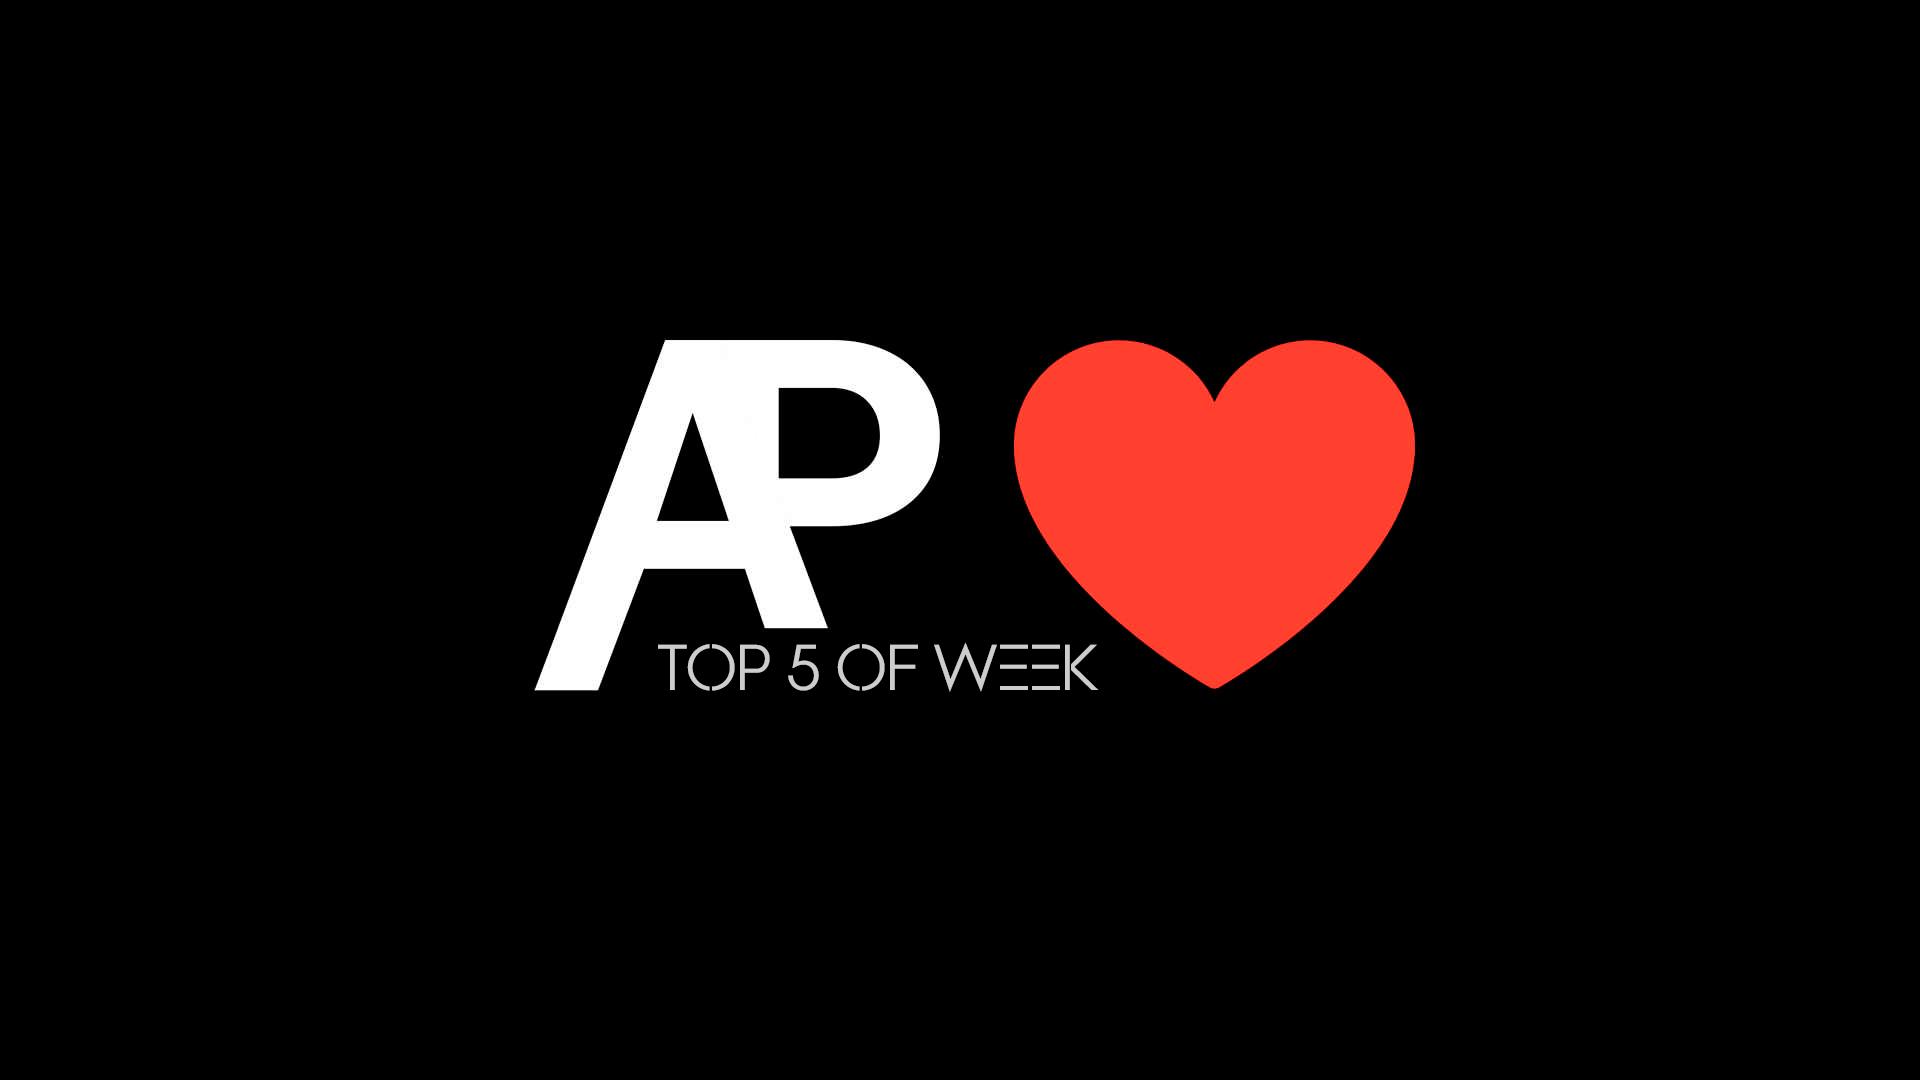 Топ 5 лучших статей за неделю (18 Августа 2019)